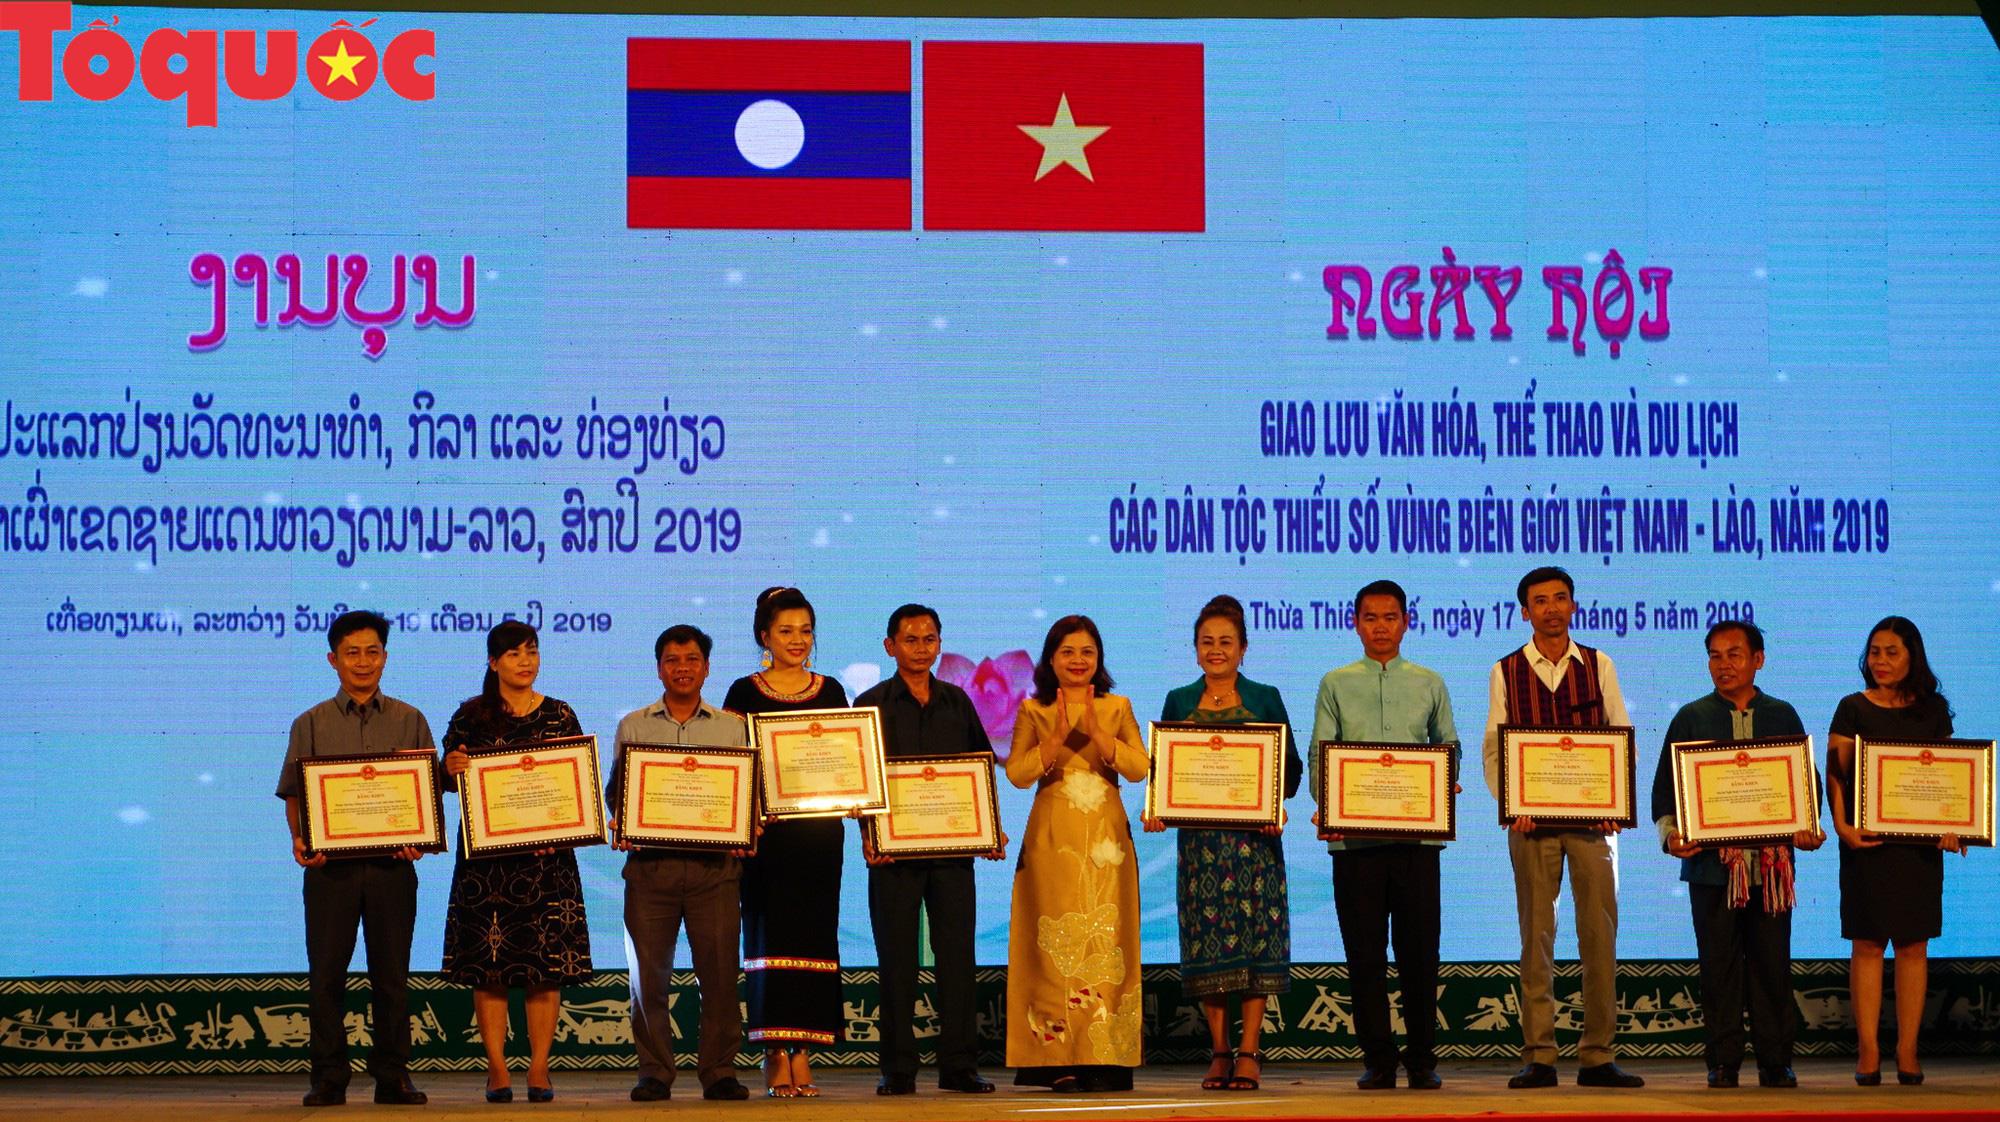 Đêm chia tay giã bạn thắm tình đoàn kết hữu nghị Việt Nam – Lào - Ảnh 3.